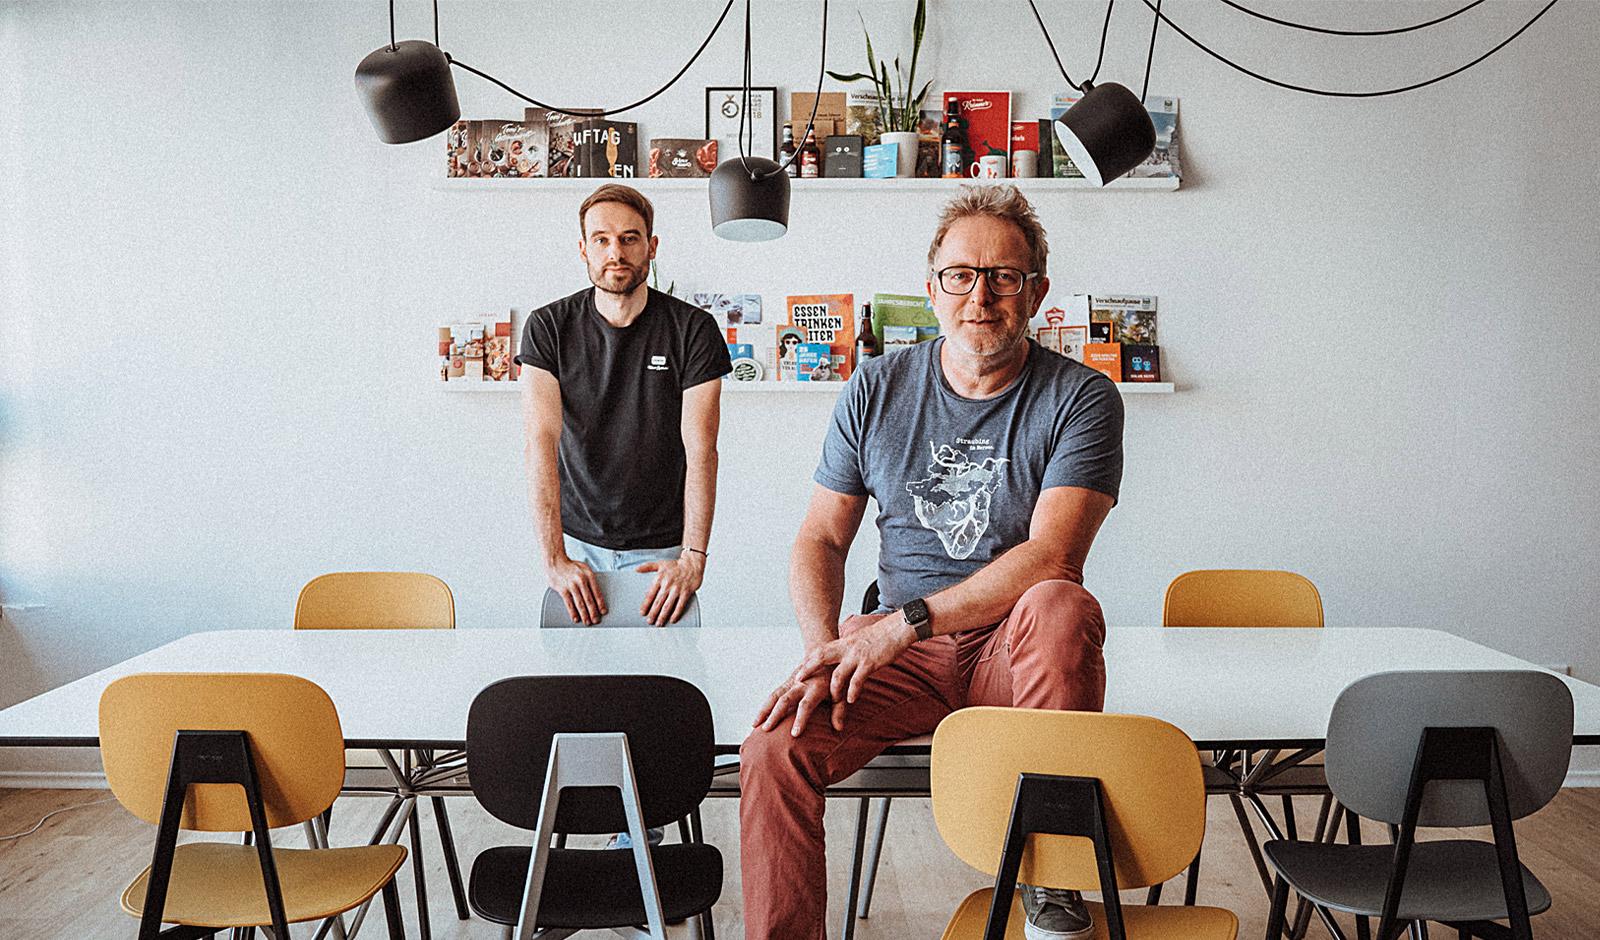 Matthias Lehner und Dieter Zollner, teamElgato Werbeagentur